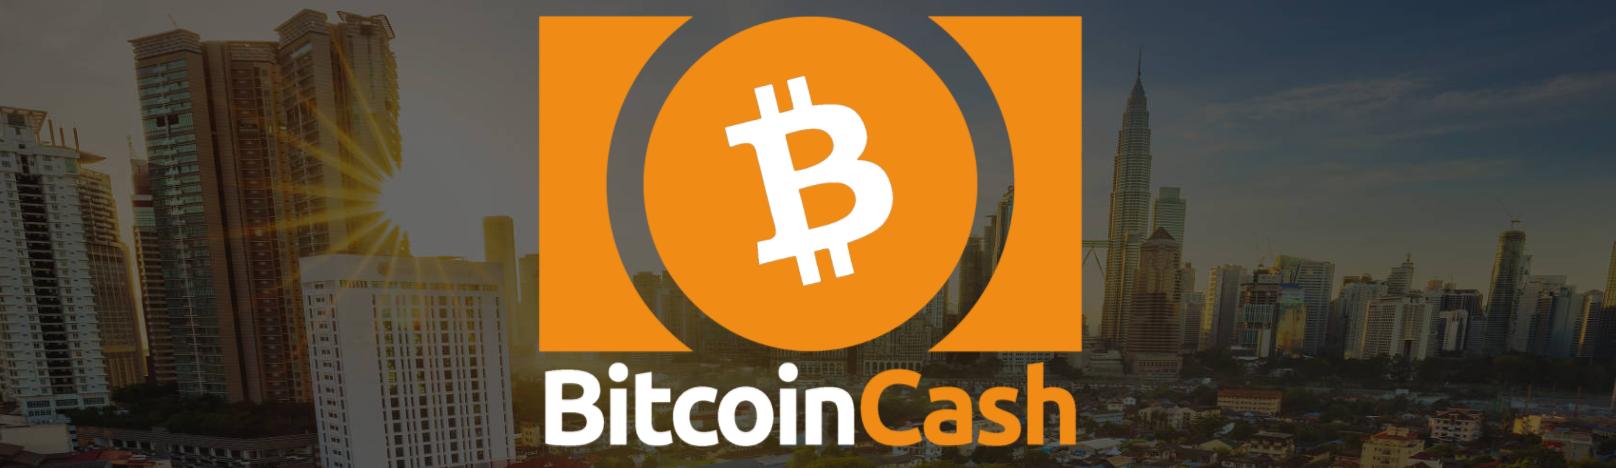 【時価総額3位】ビットコインキャッシュ(BCH・Bitcoin cash)約2兆3370億円